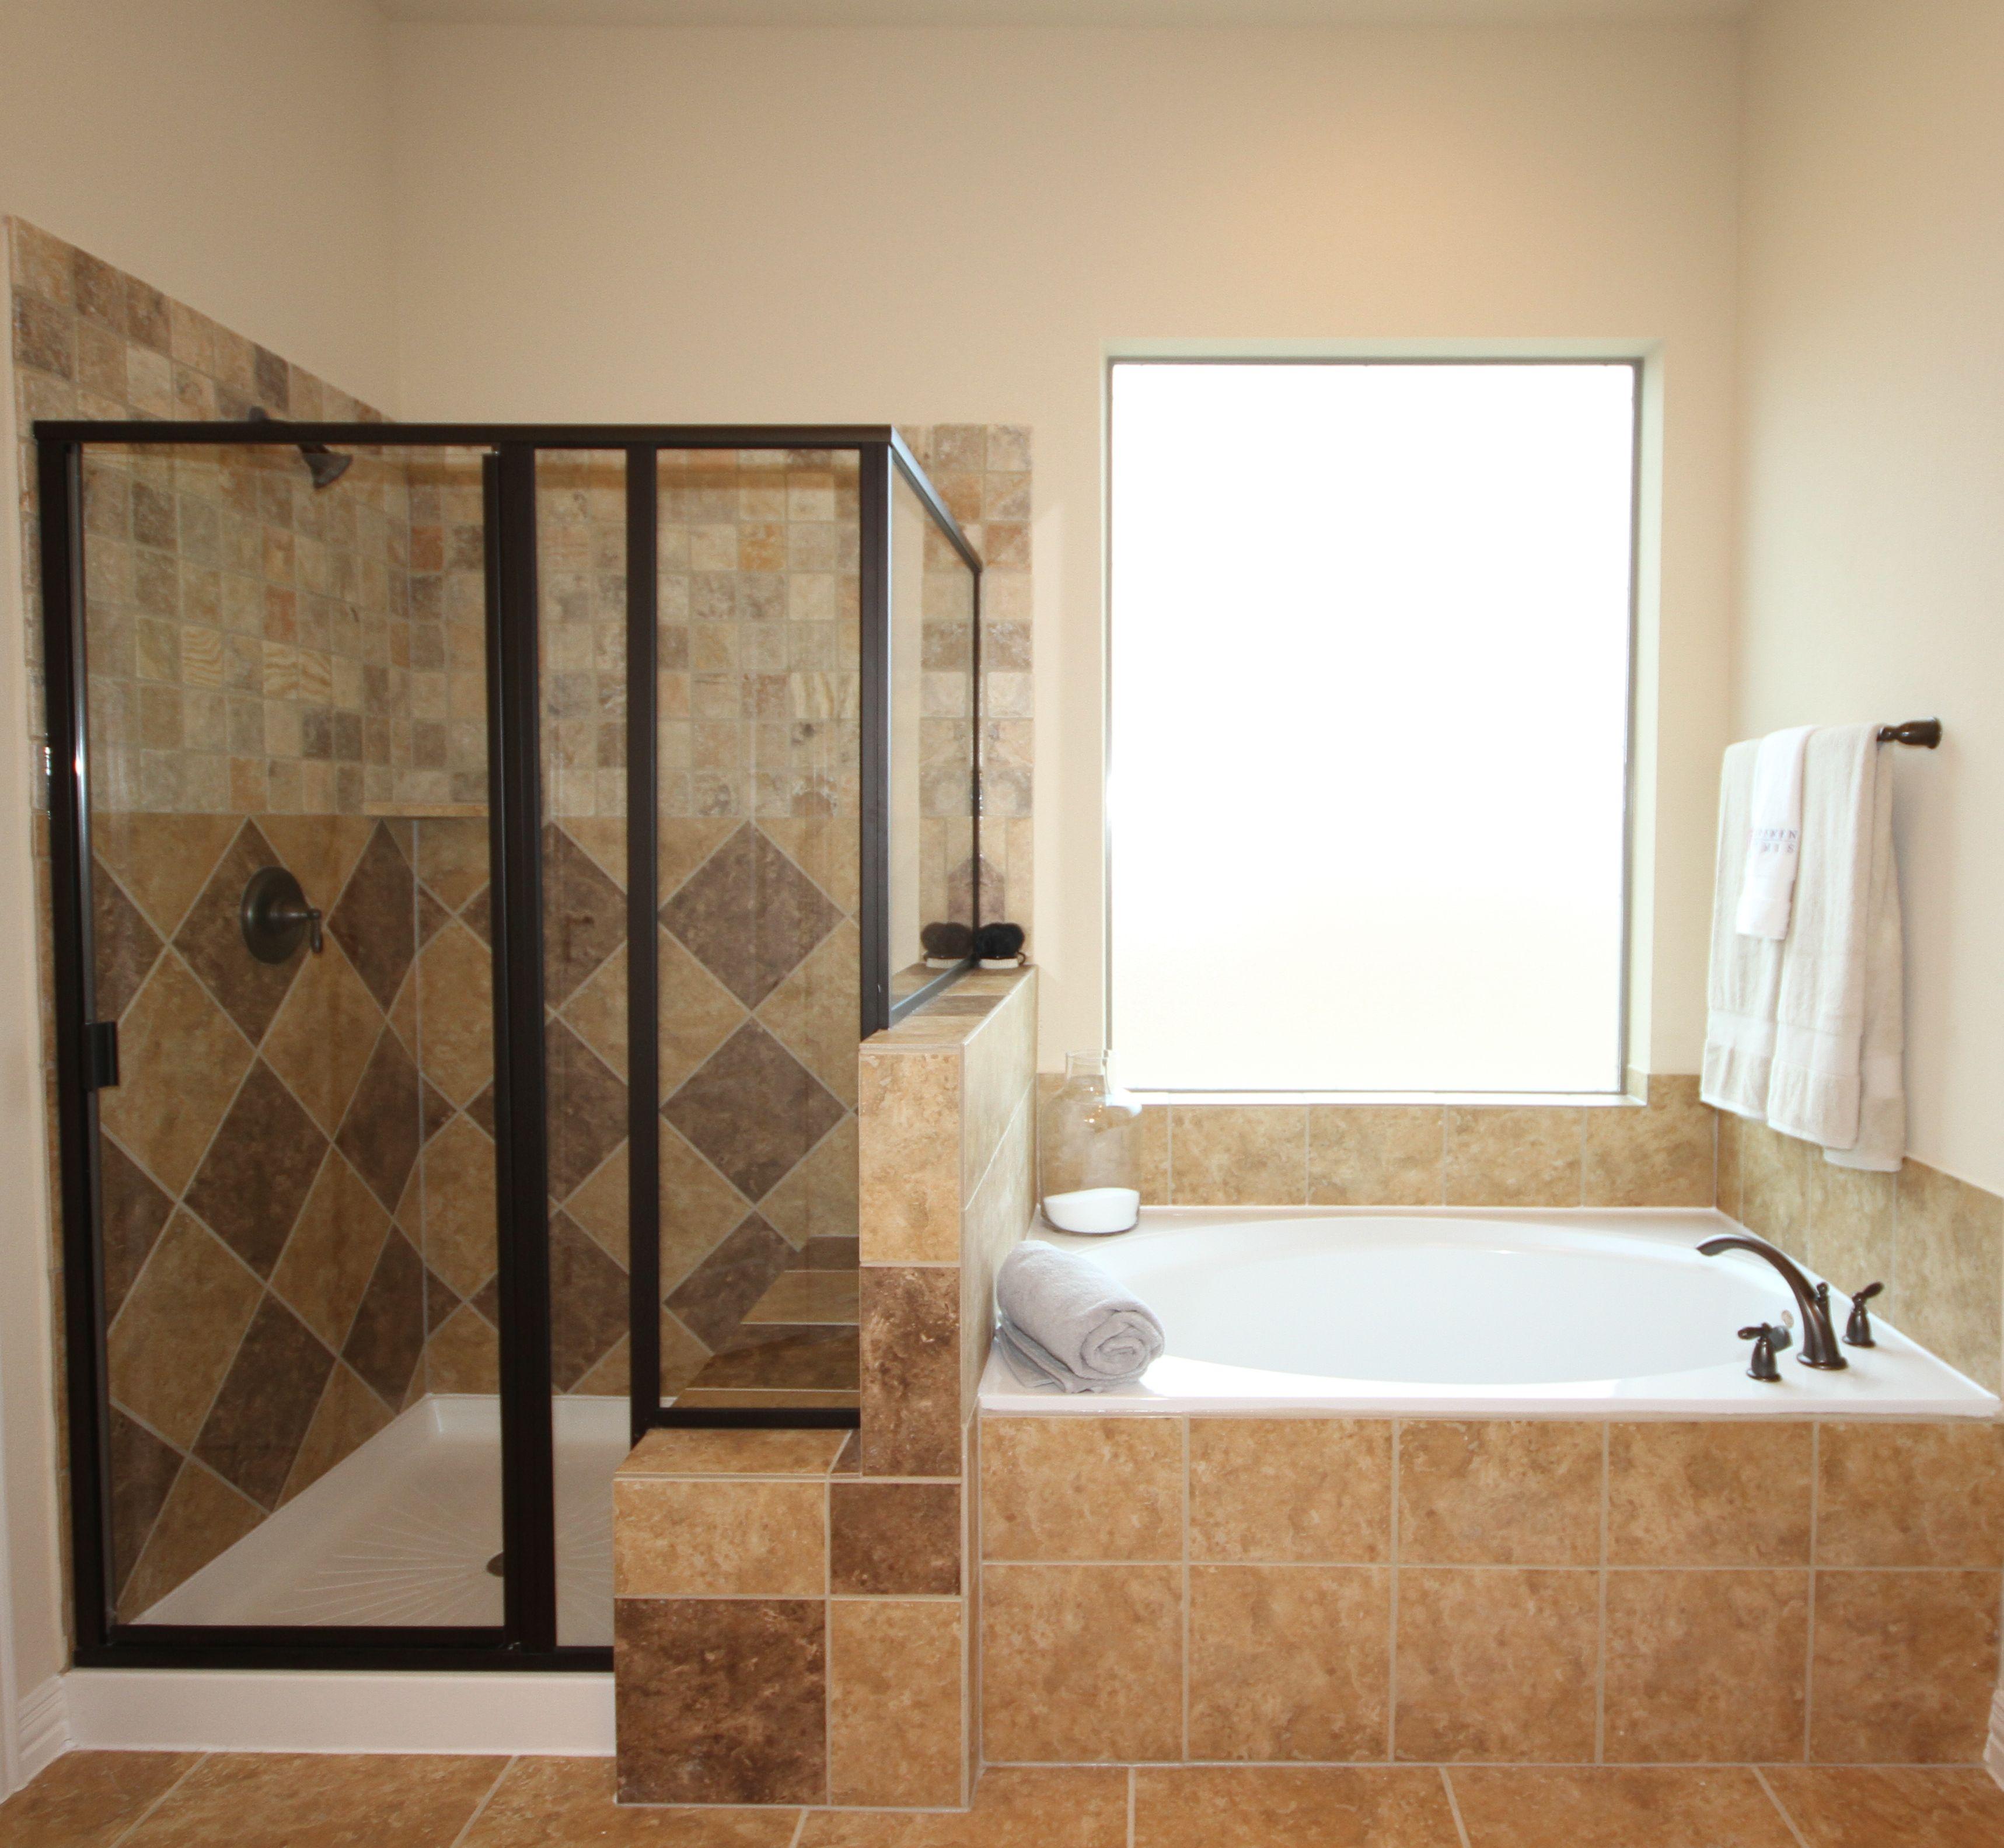 Kinsmen homes meagan plan harlequin tile design in for Master bathroom fixtures